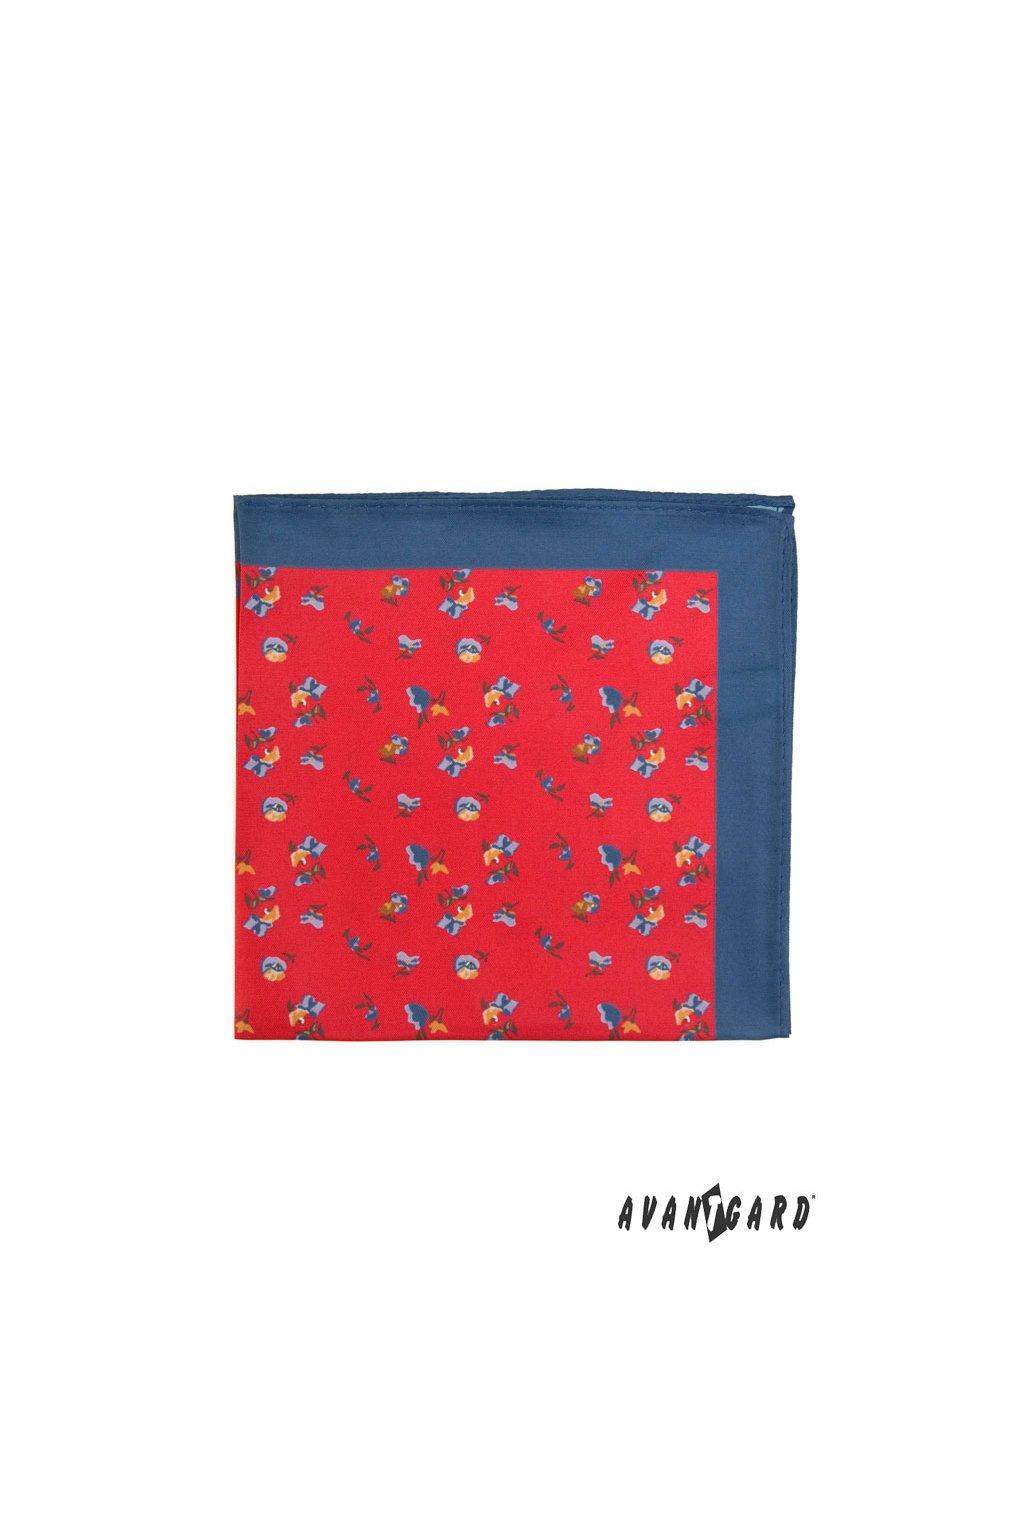 Červený kapesníček do saka s modrým okrajem – květiny